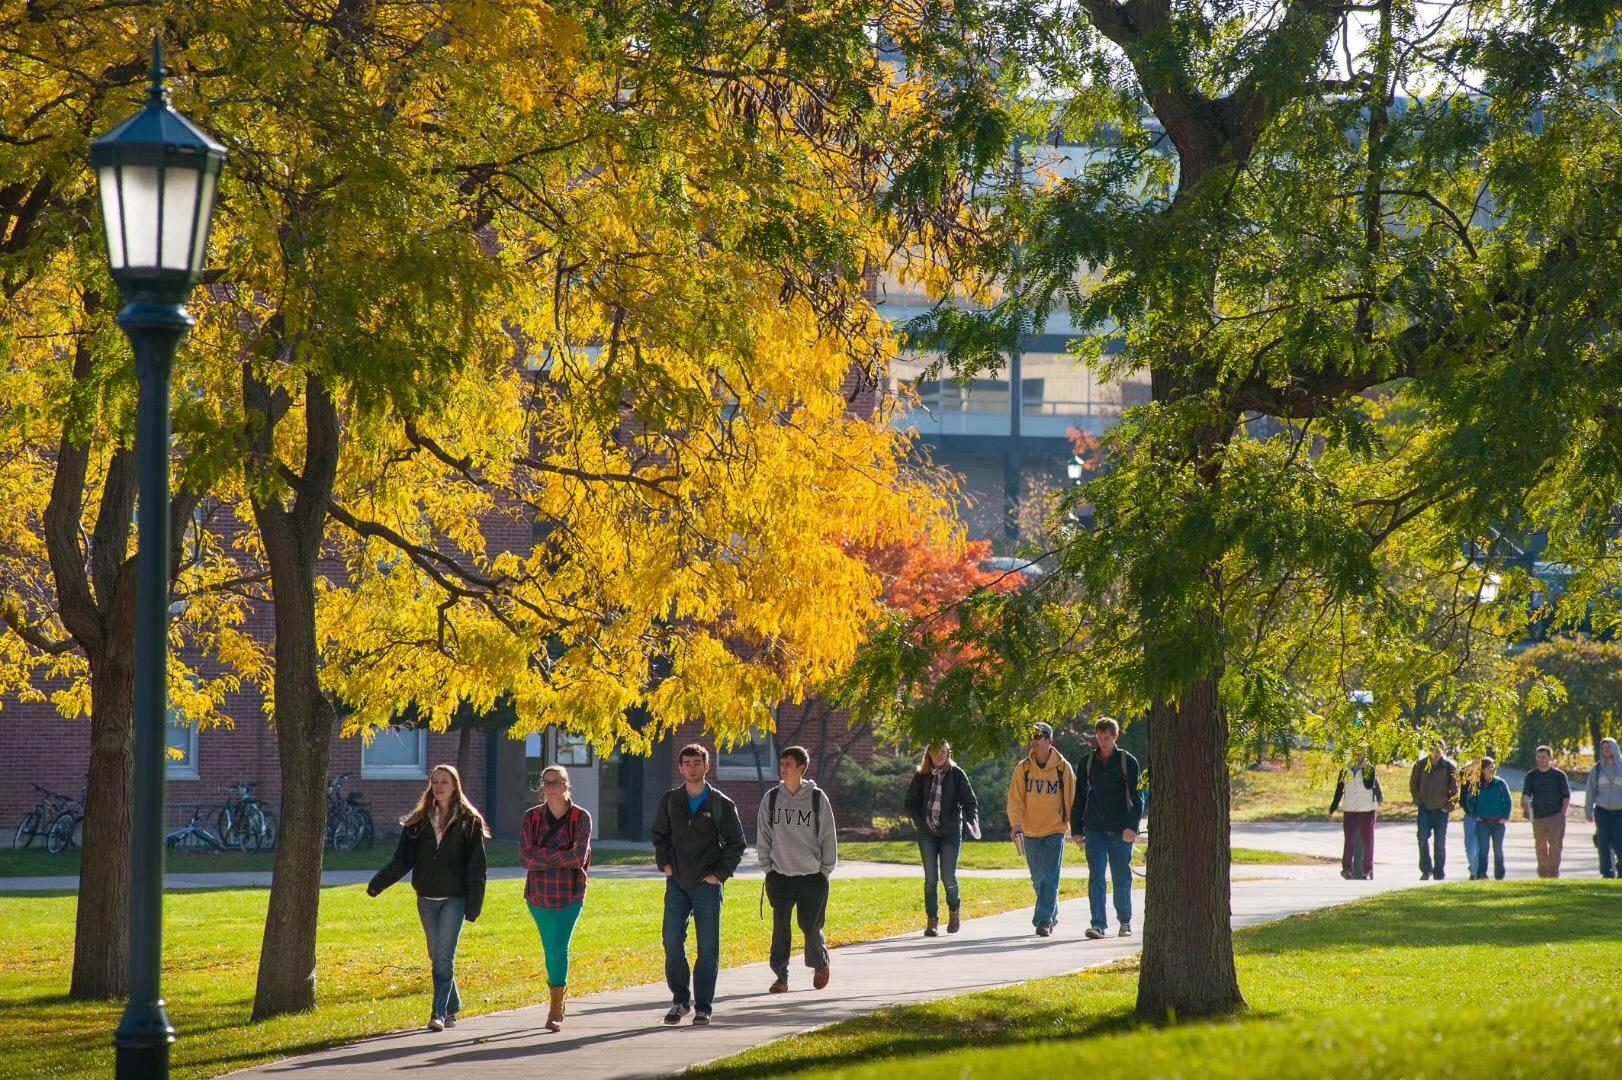 2022年QS世界大学排名发布,MIT连续十年问鼎第一!哈佛跌至第五!